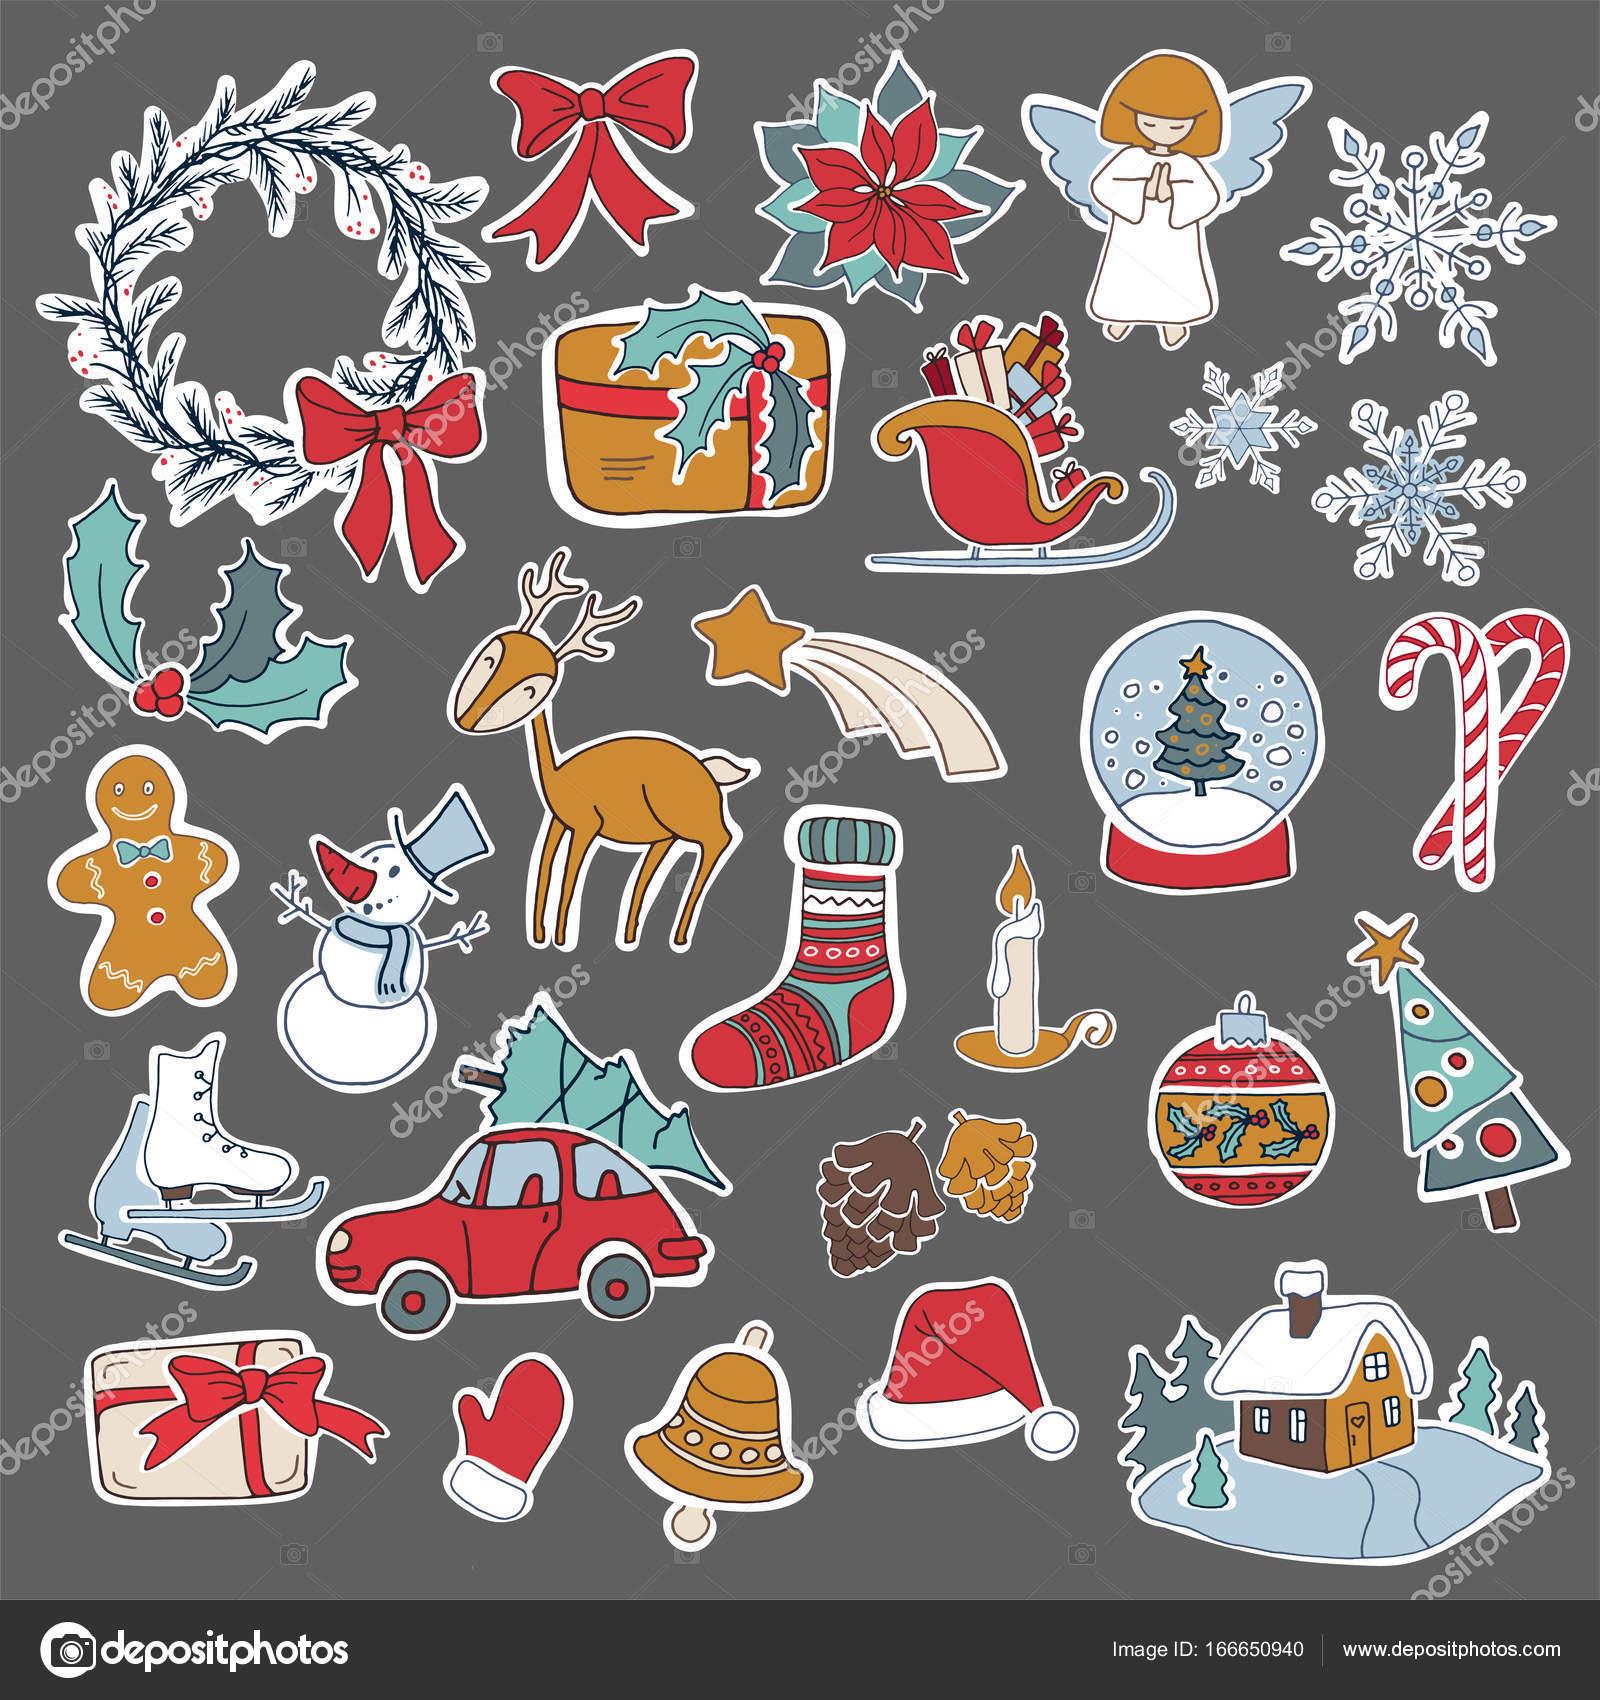 mézeskalács adventi naptár letölthető sablonnal Karácsonyi szappan készlet ikon elemek használható advent — Stock  mézeskalács adventi naptár letölthető sablonnal